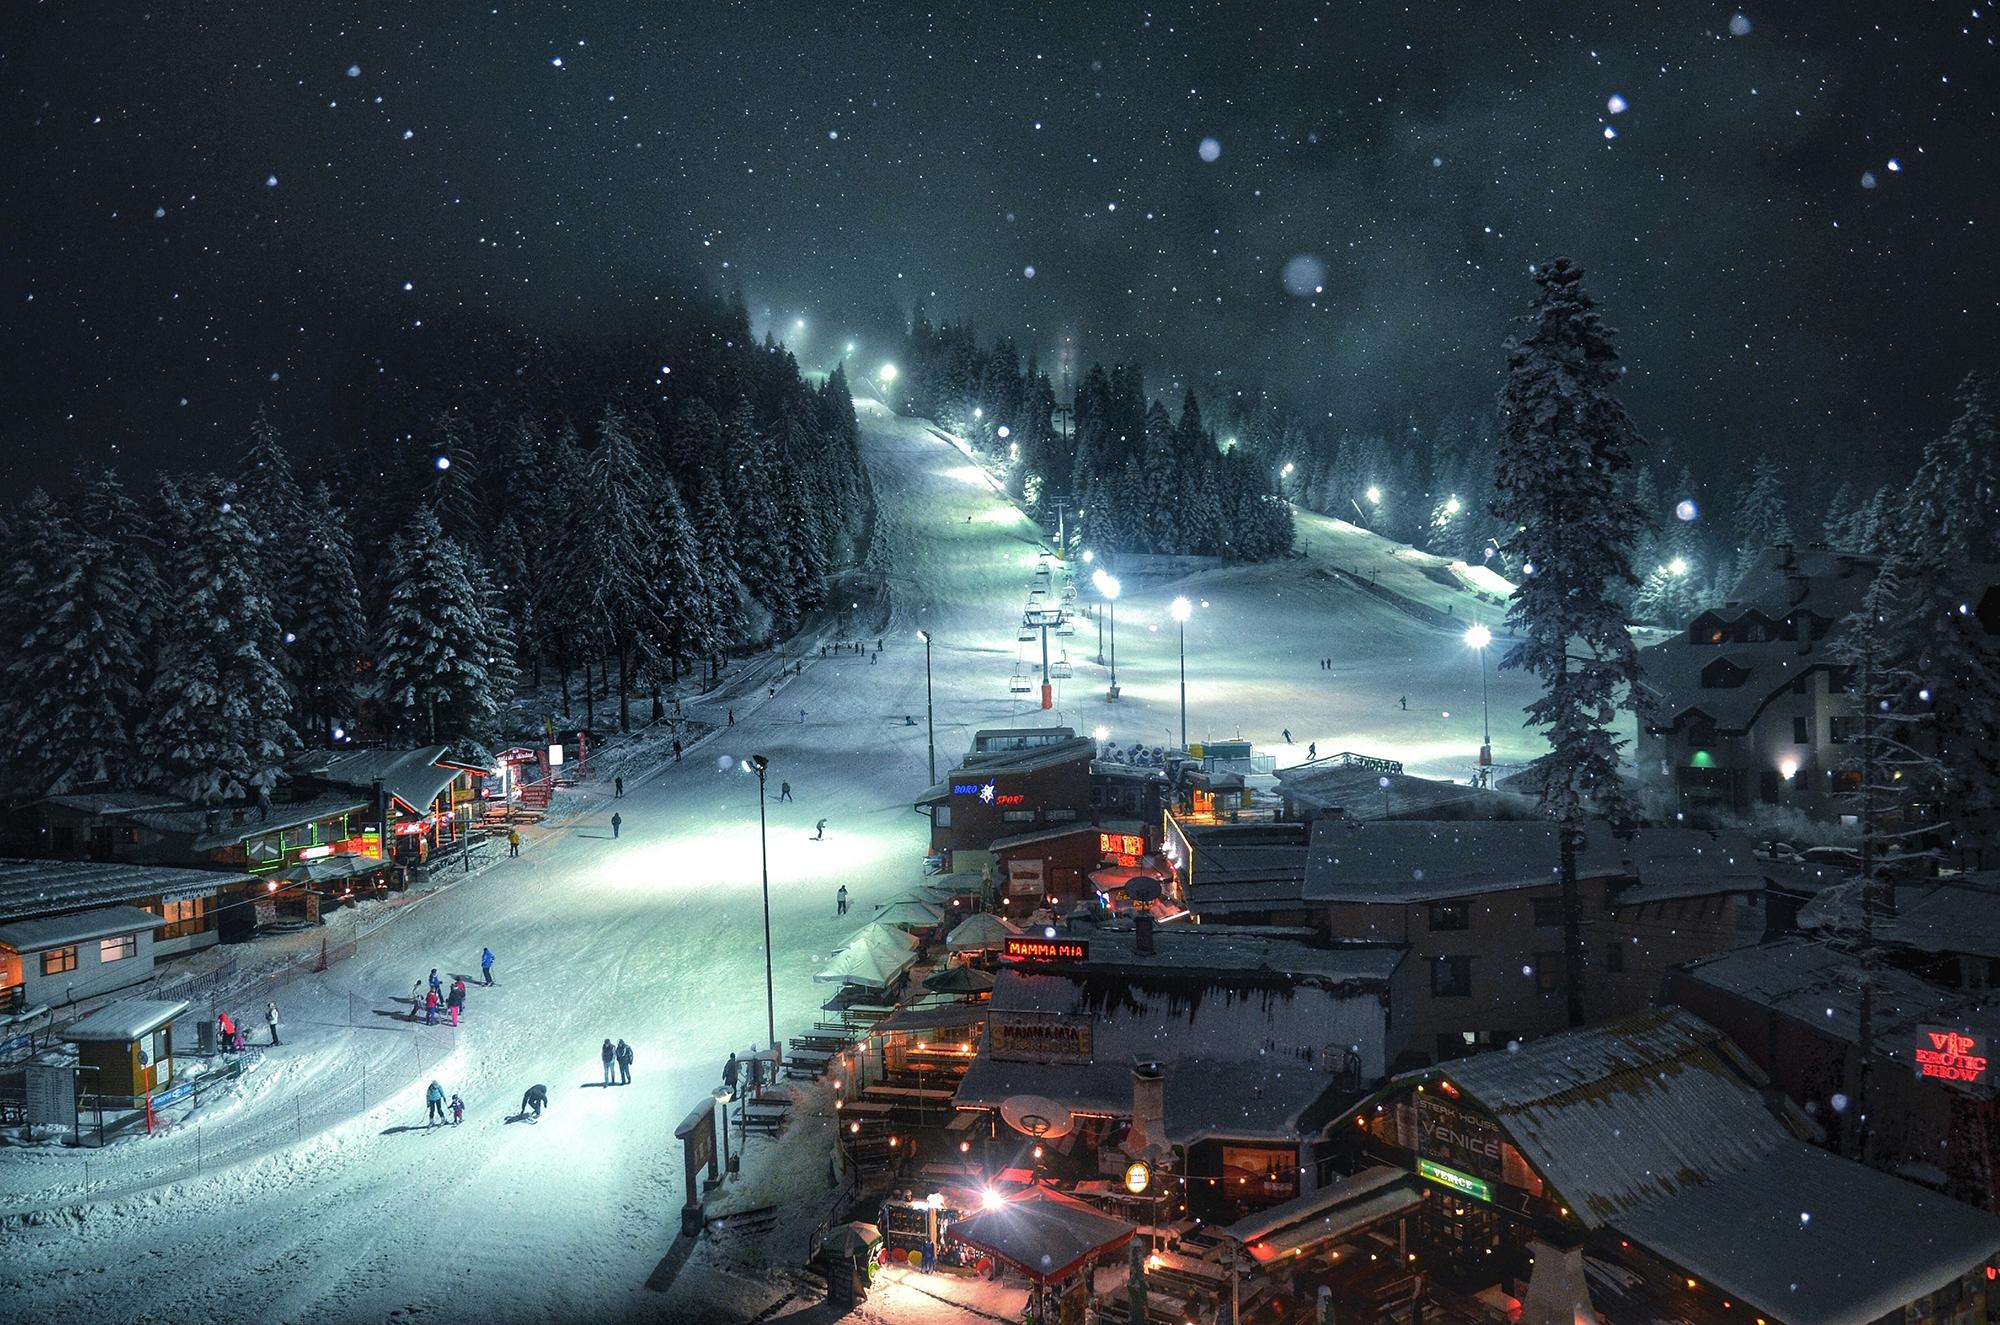 the ski resort of borovets by yasen georgiev   world photography